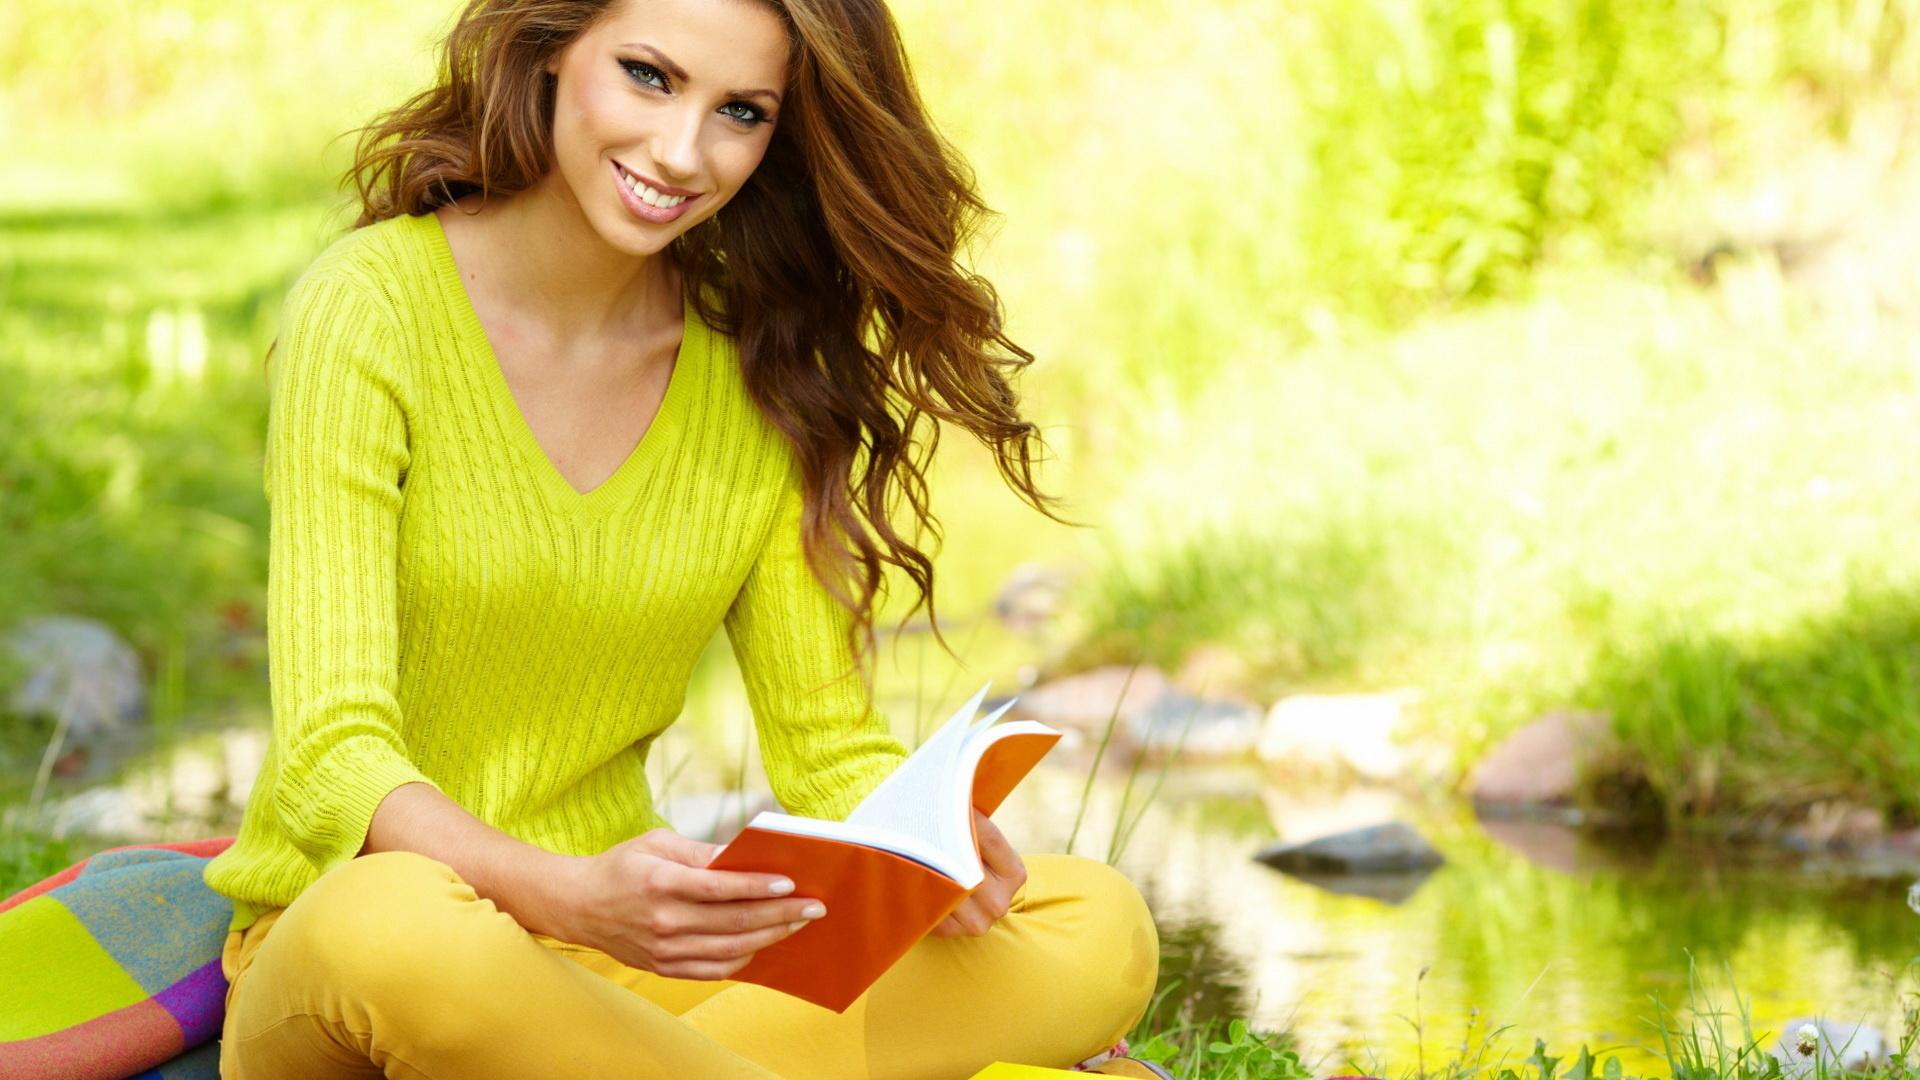 солнце, взгляд, лицо, книга, губки, улыбка, река, зелень, вода